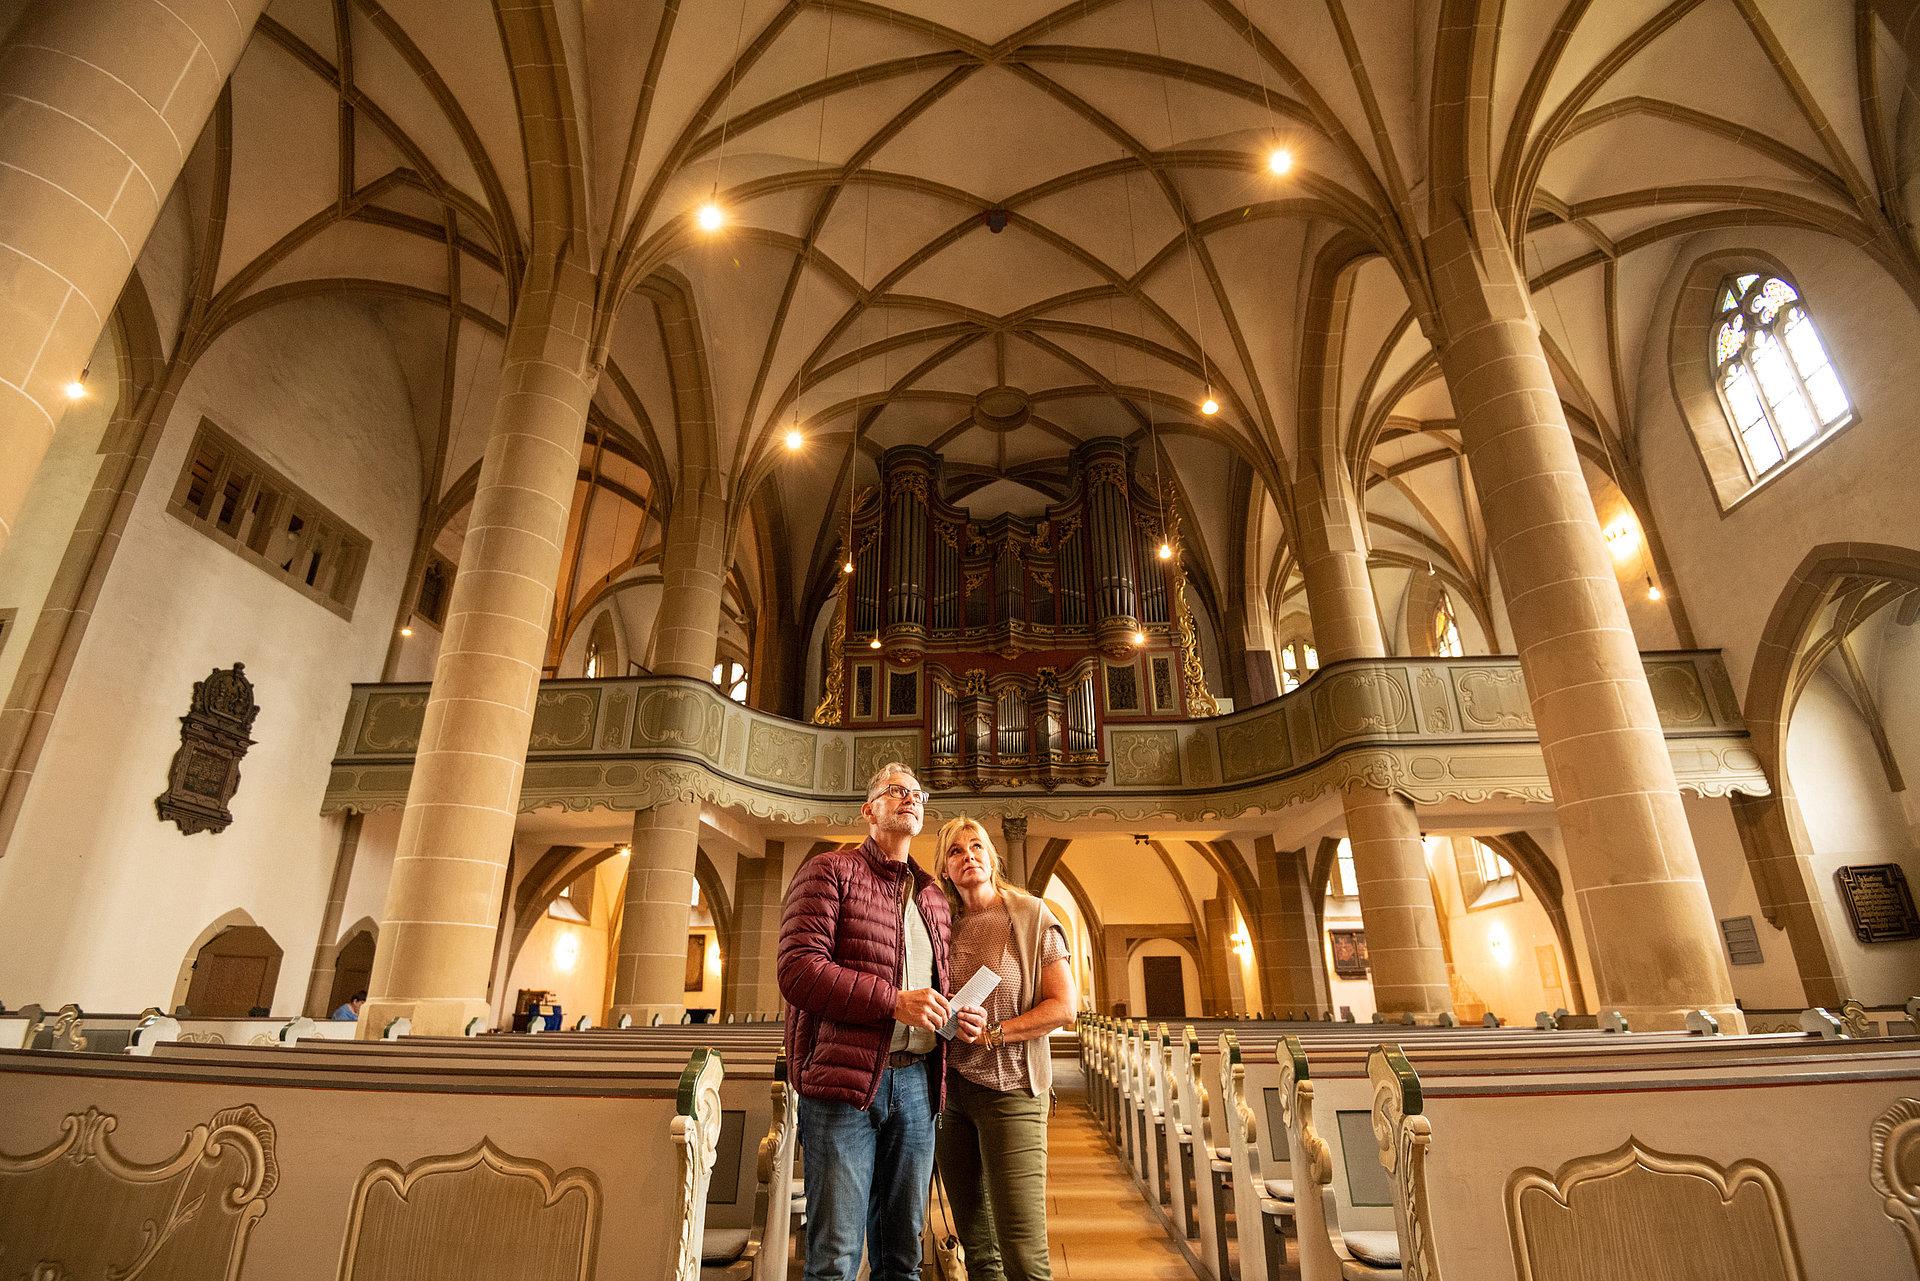 Innenraum der Schlosskirche Meisenheim, Nahe